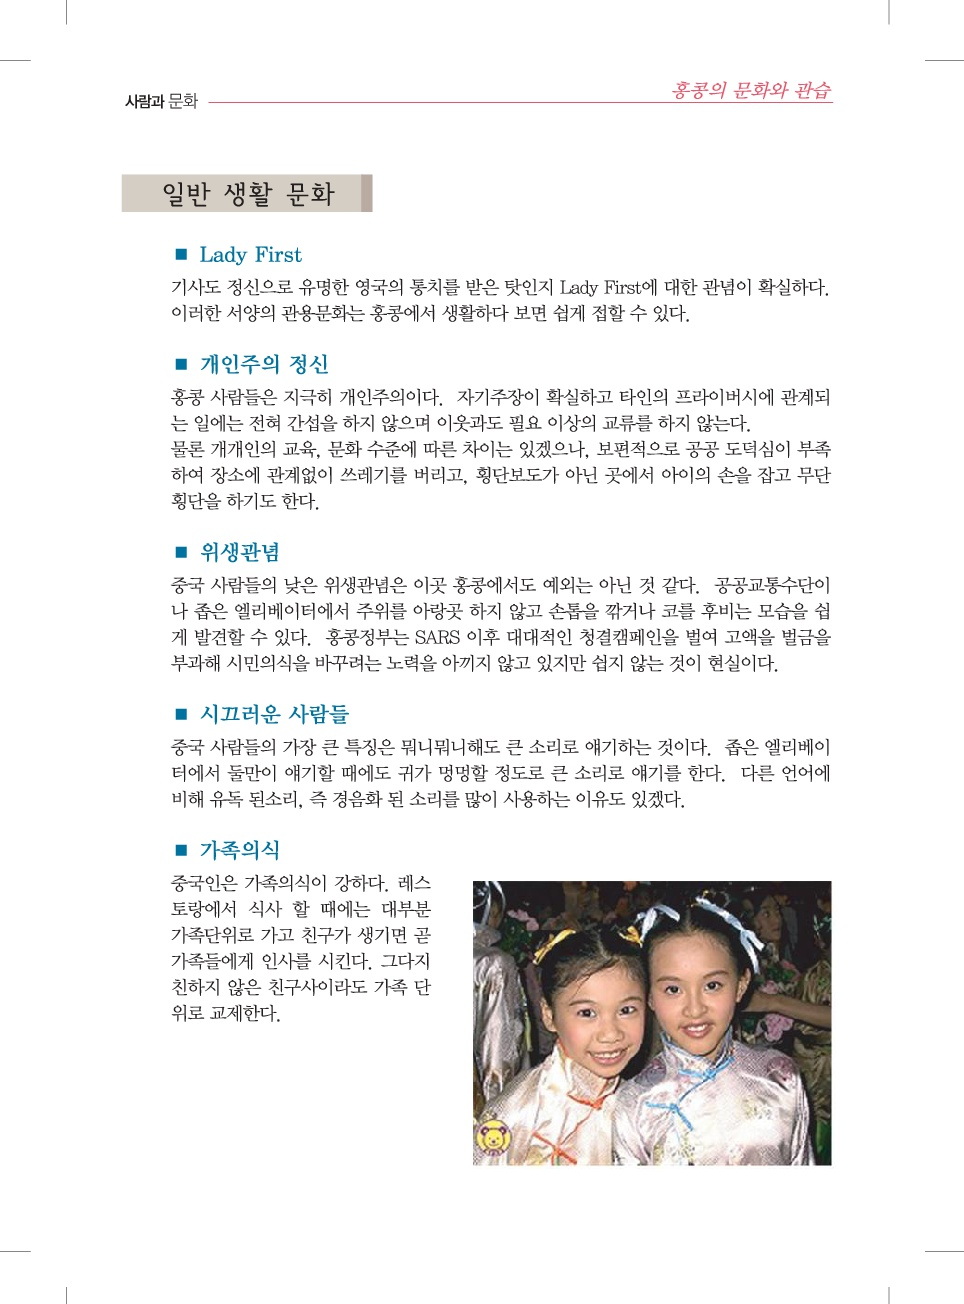 11_홍콩문화4-min.jpg